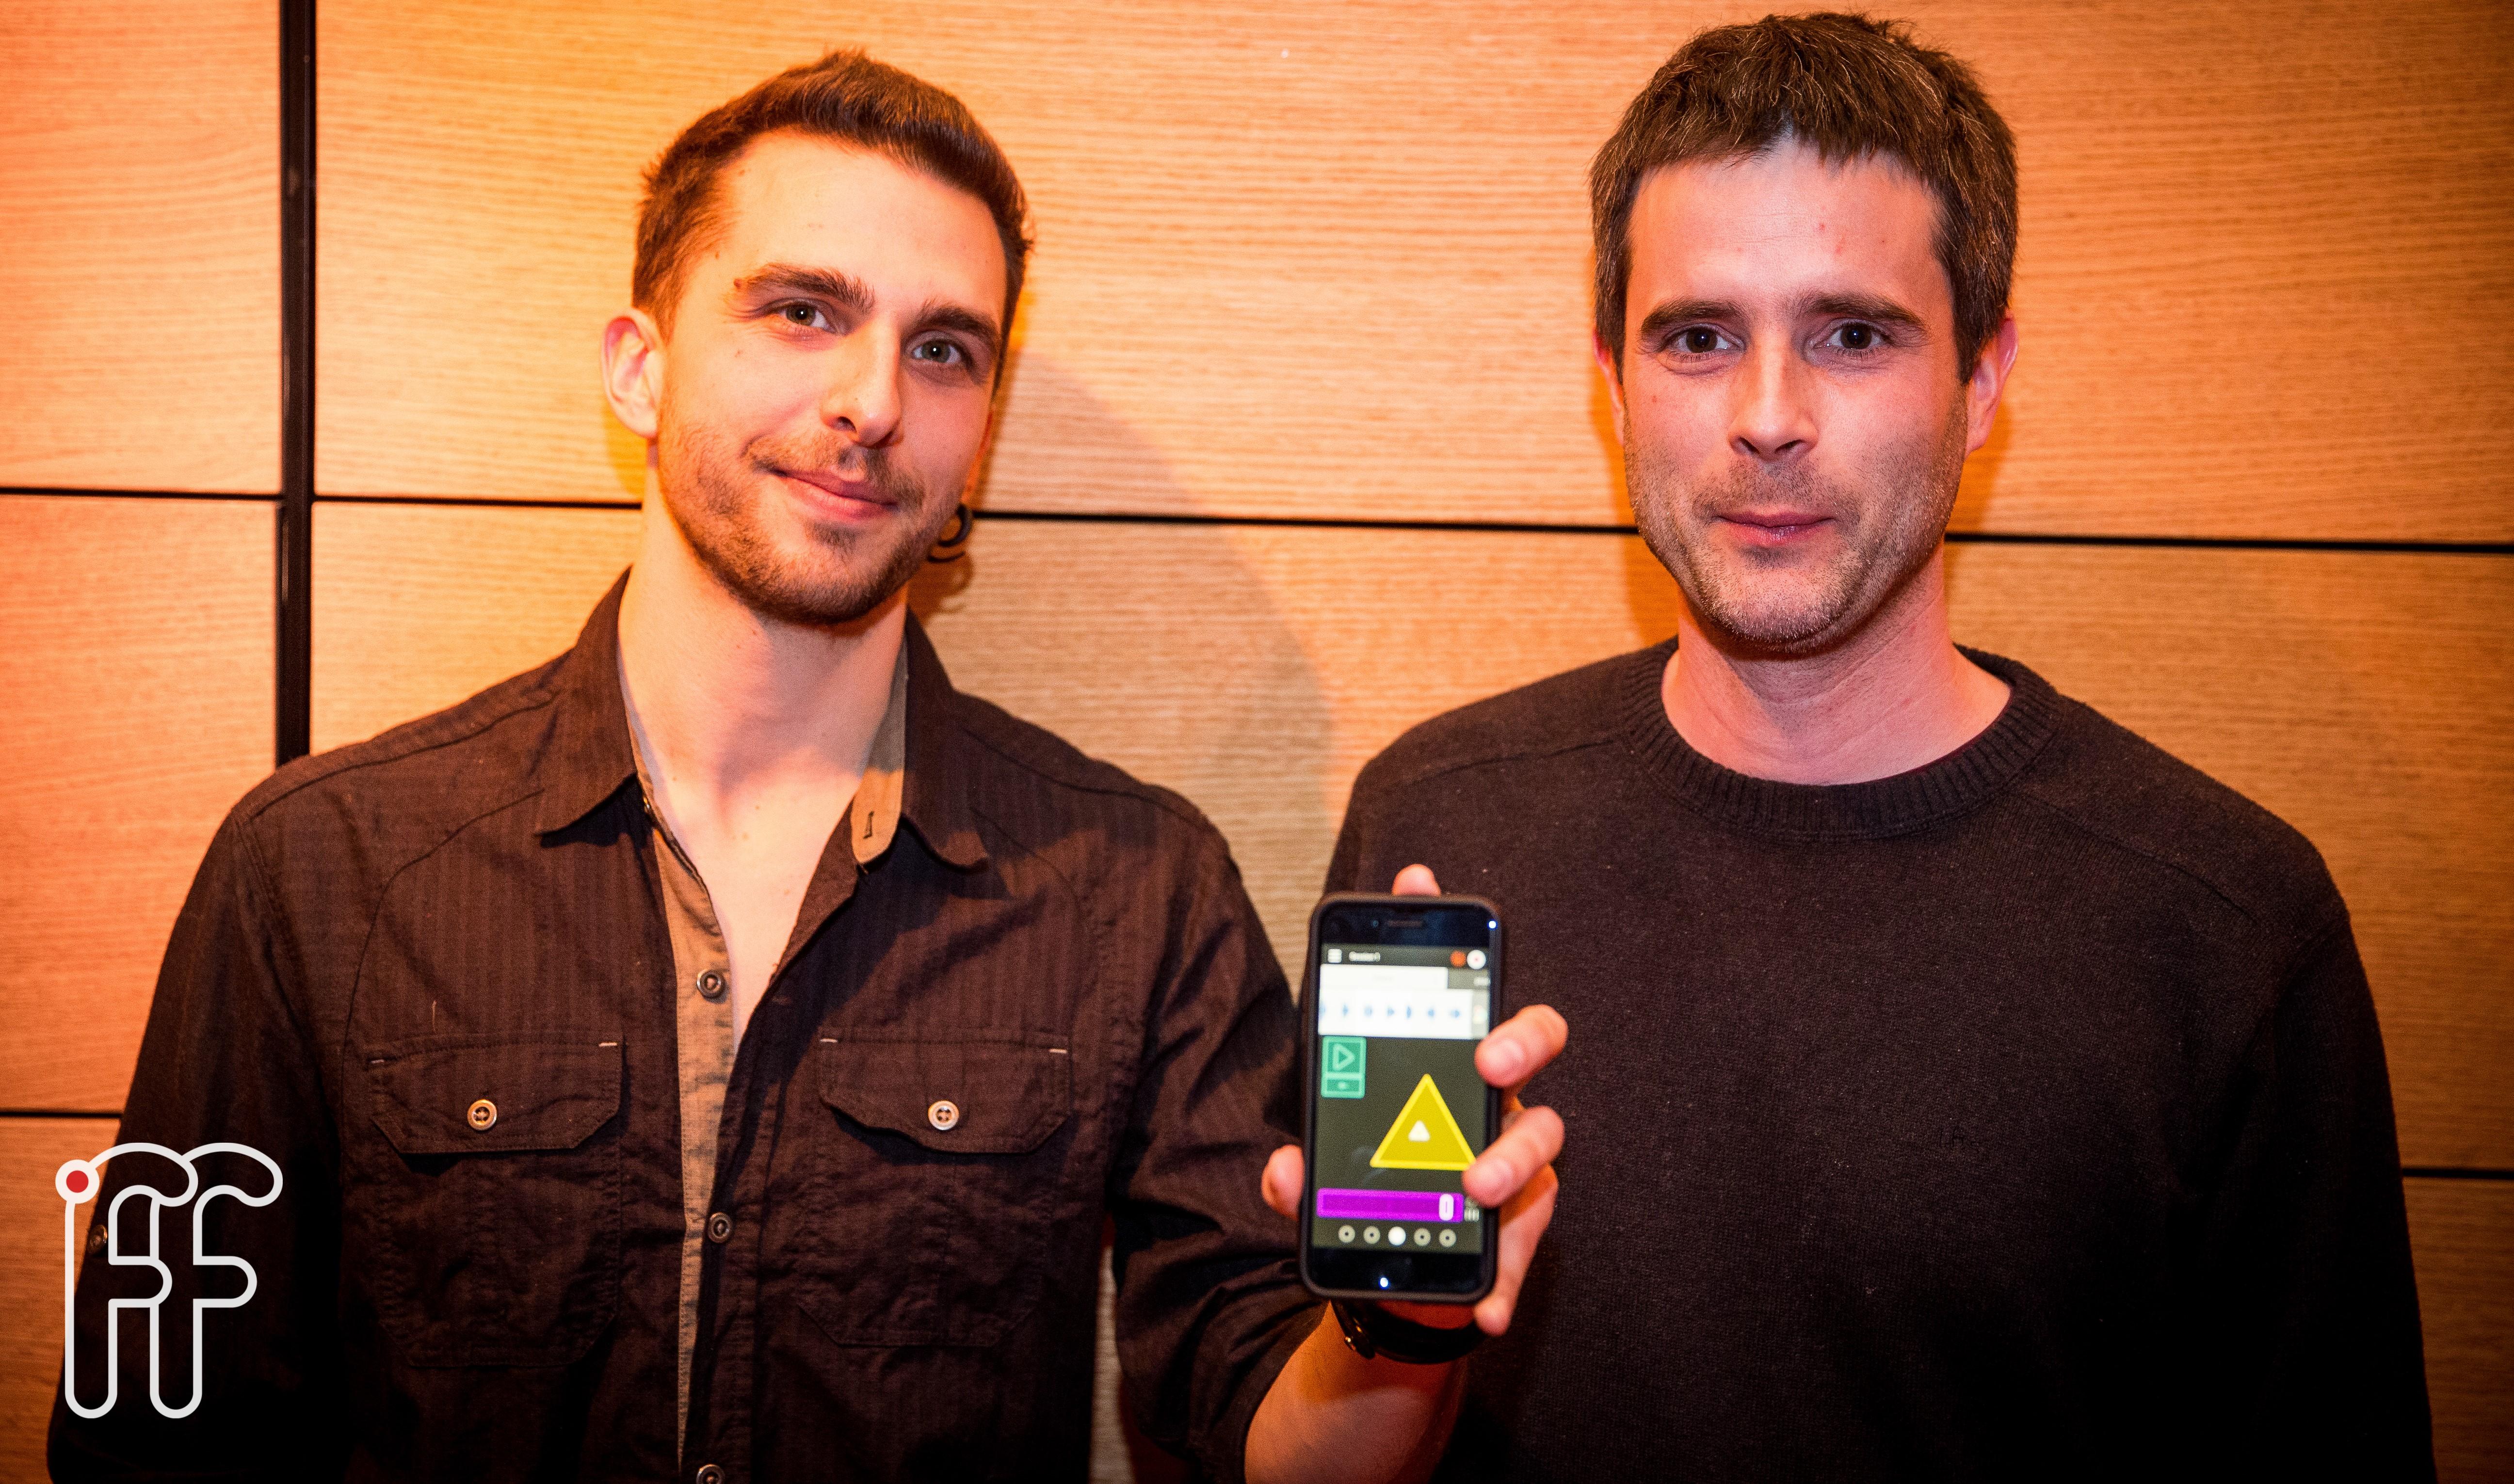 Le fonofone, une application de création sonore développée par deux Français de Montréal